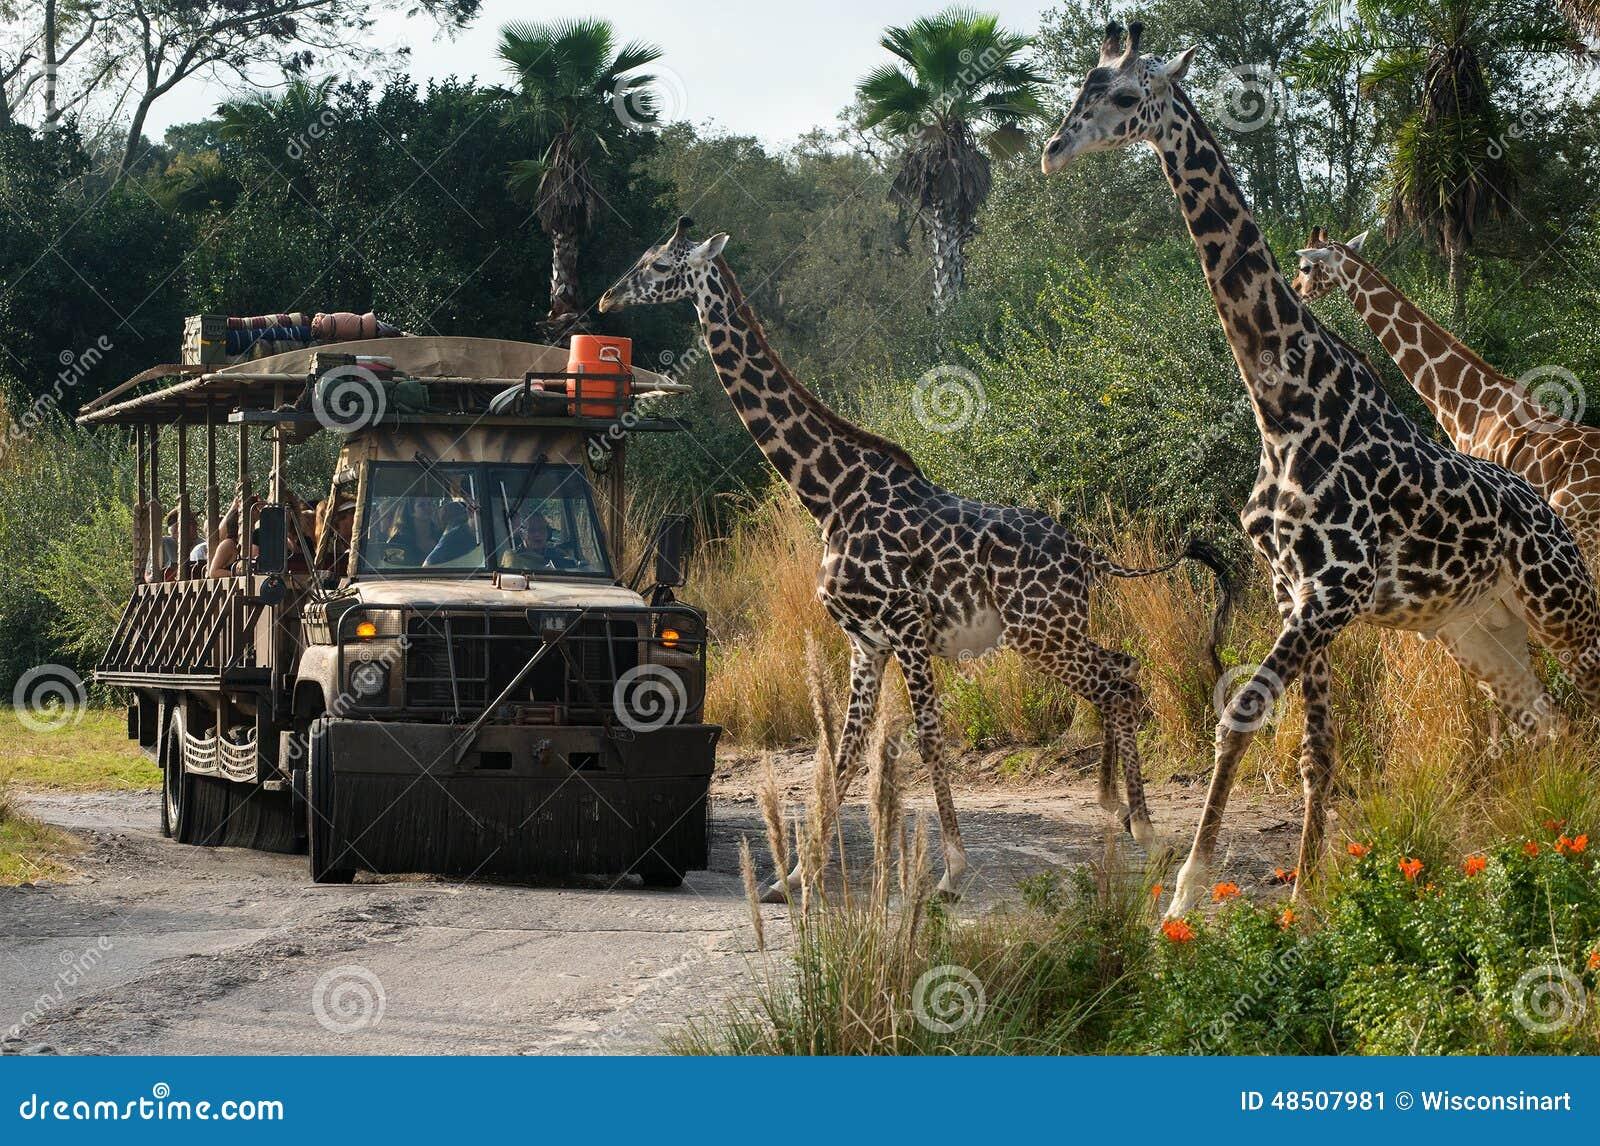 迪斯尼世界乞力马扎罗徒步旅行队动物Kindom